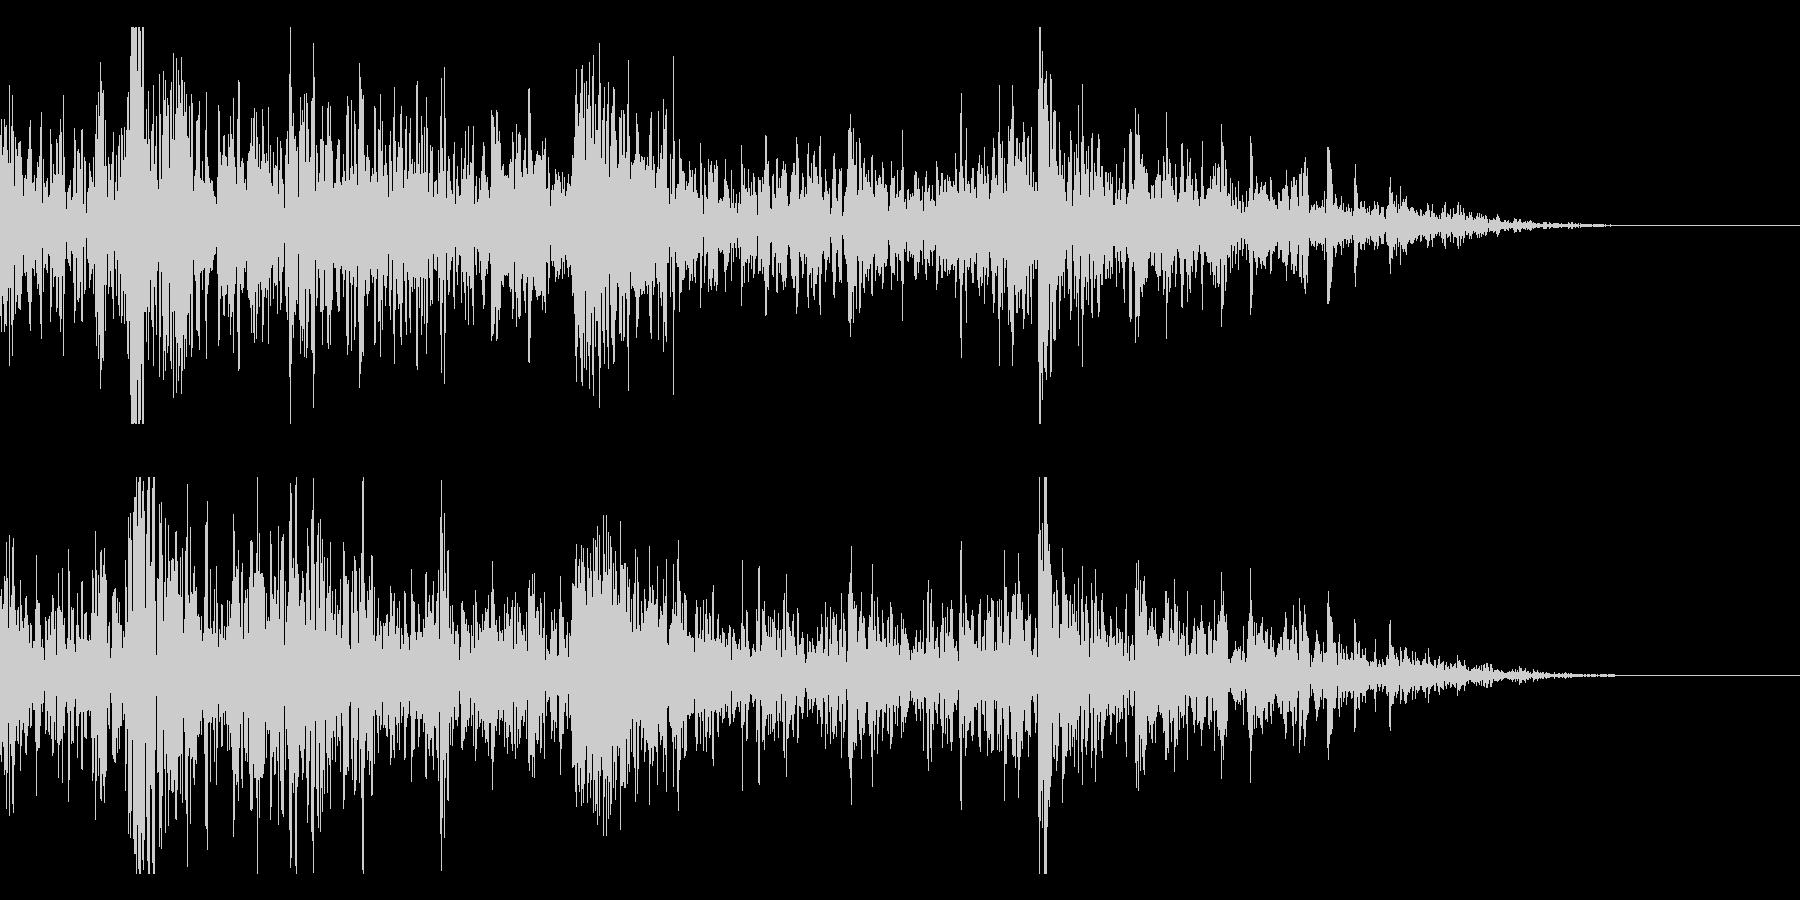 ドンパァ〜花火の本当にリアルな効果音12の未再生の波形